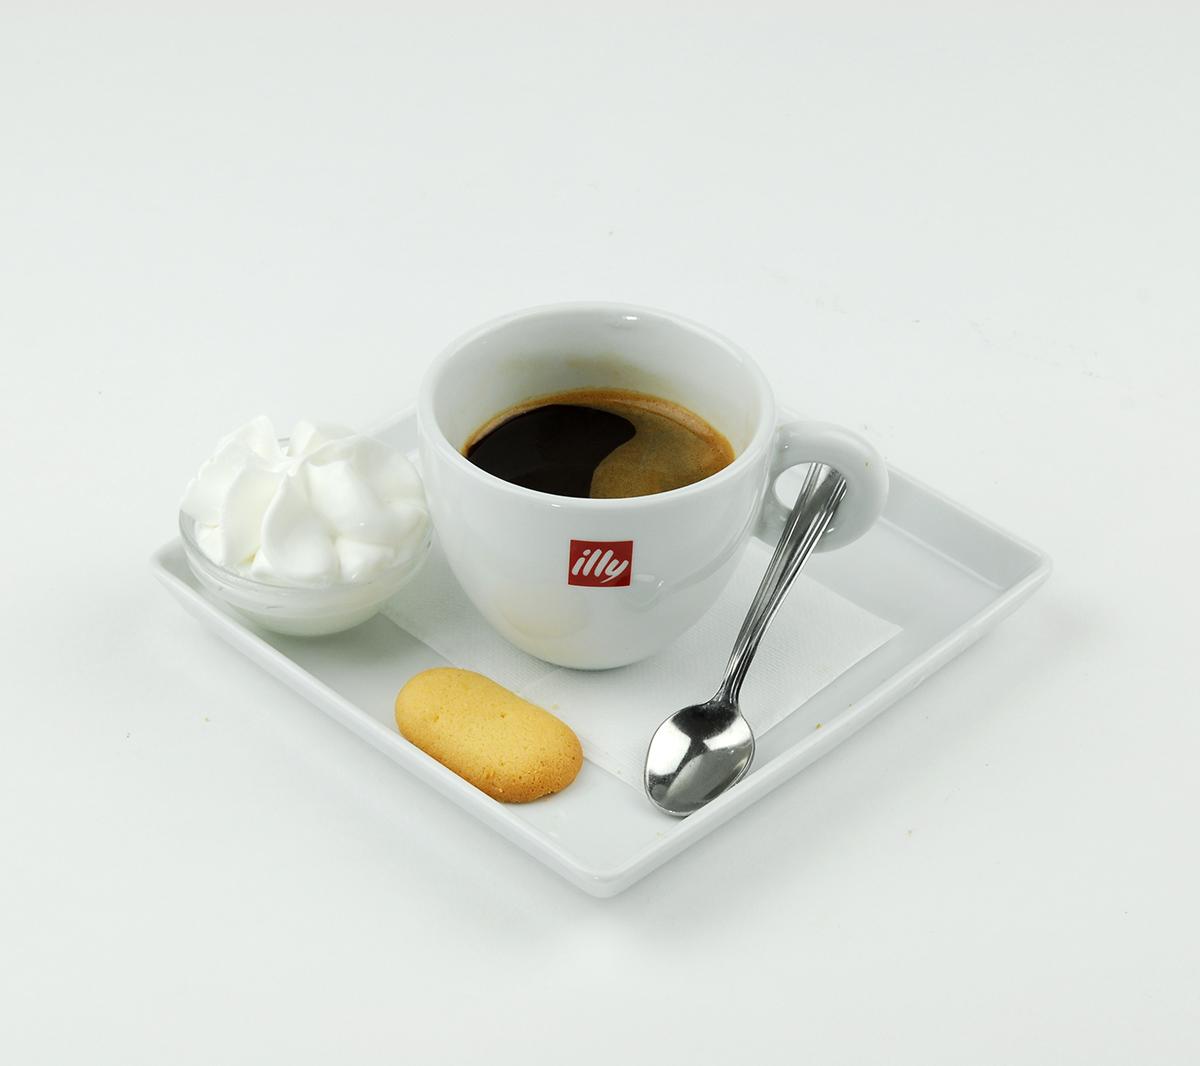 Illy kávé